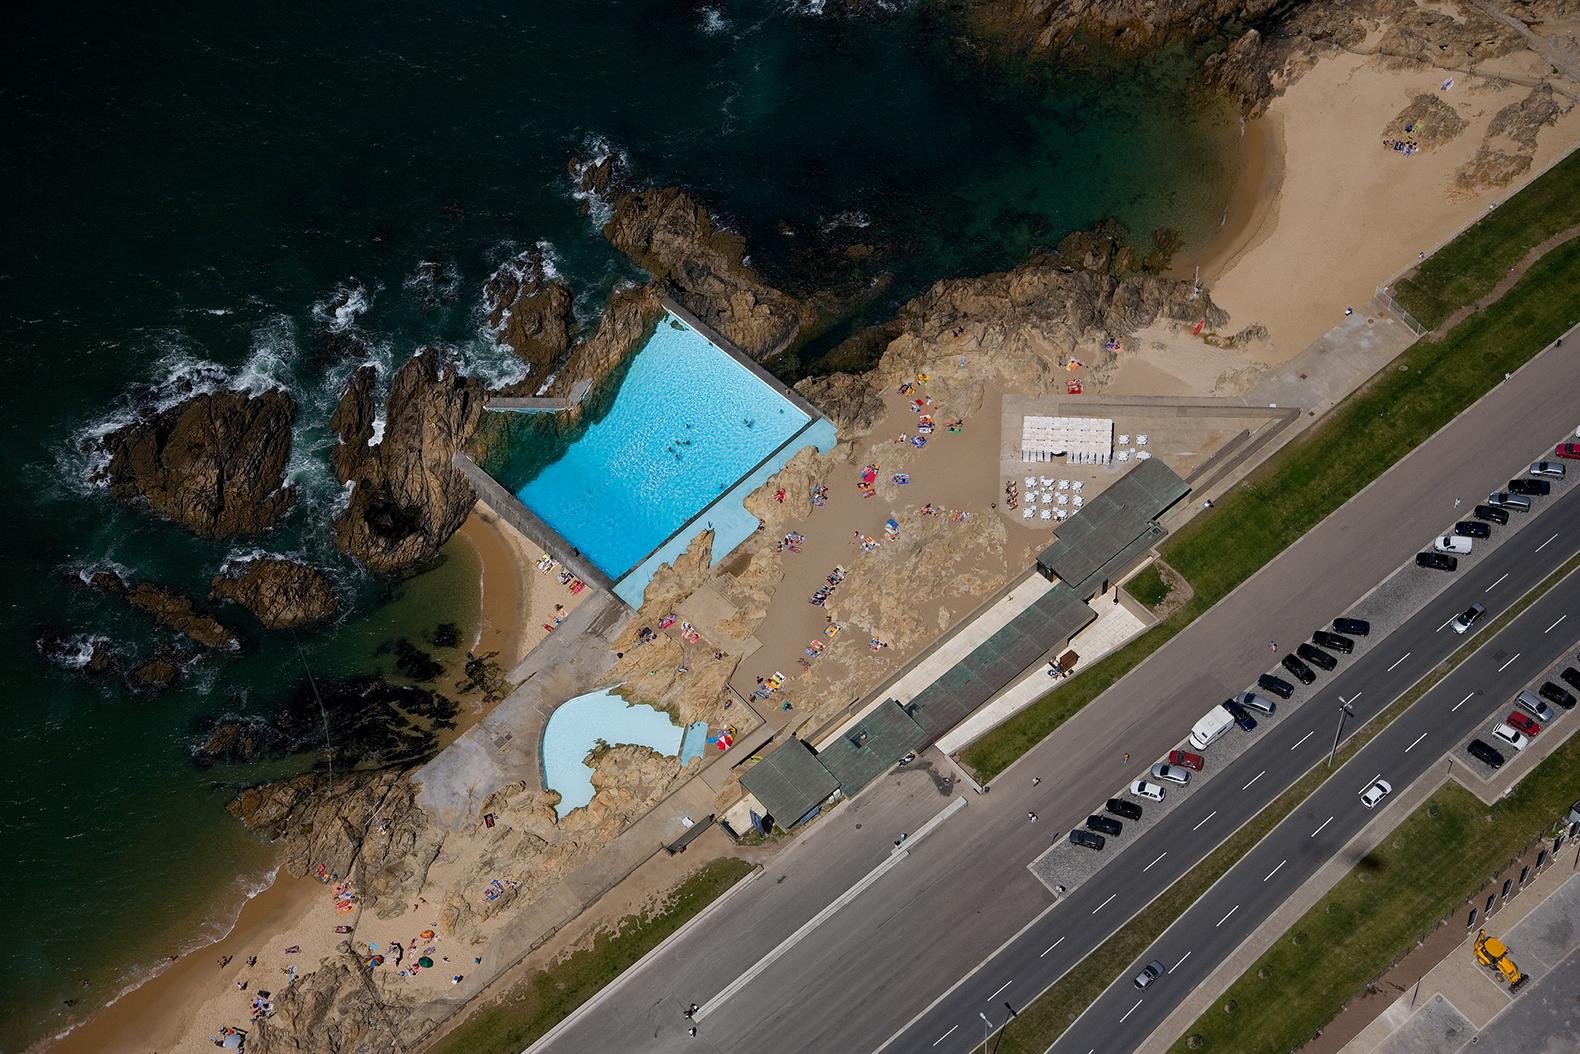 The siza 39 s pools das mar s turn 50 metalocus for Piscinas oporto